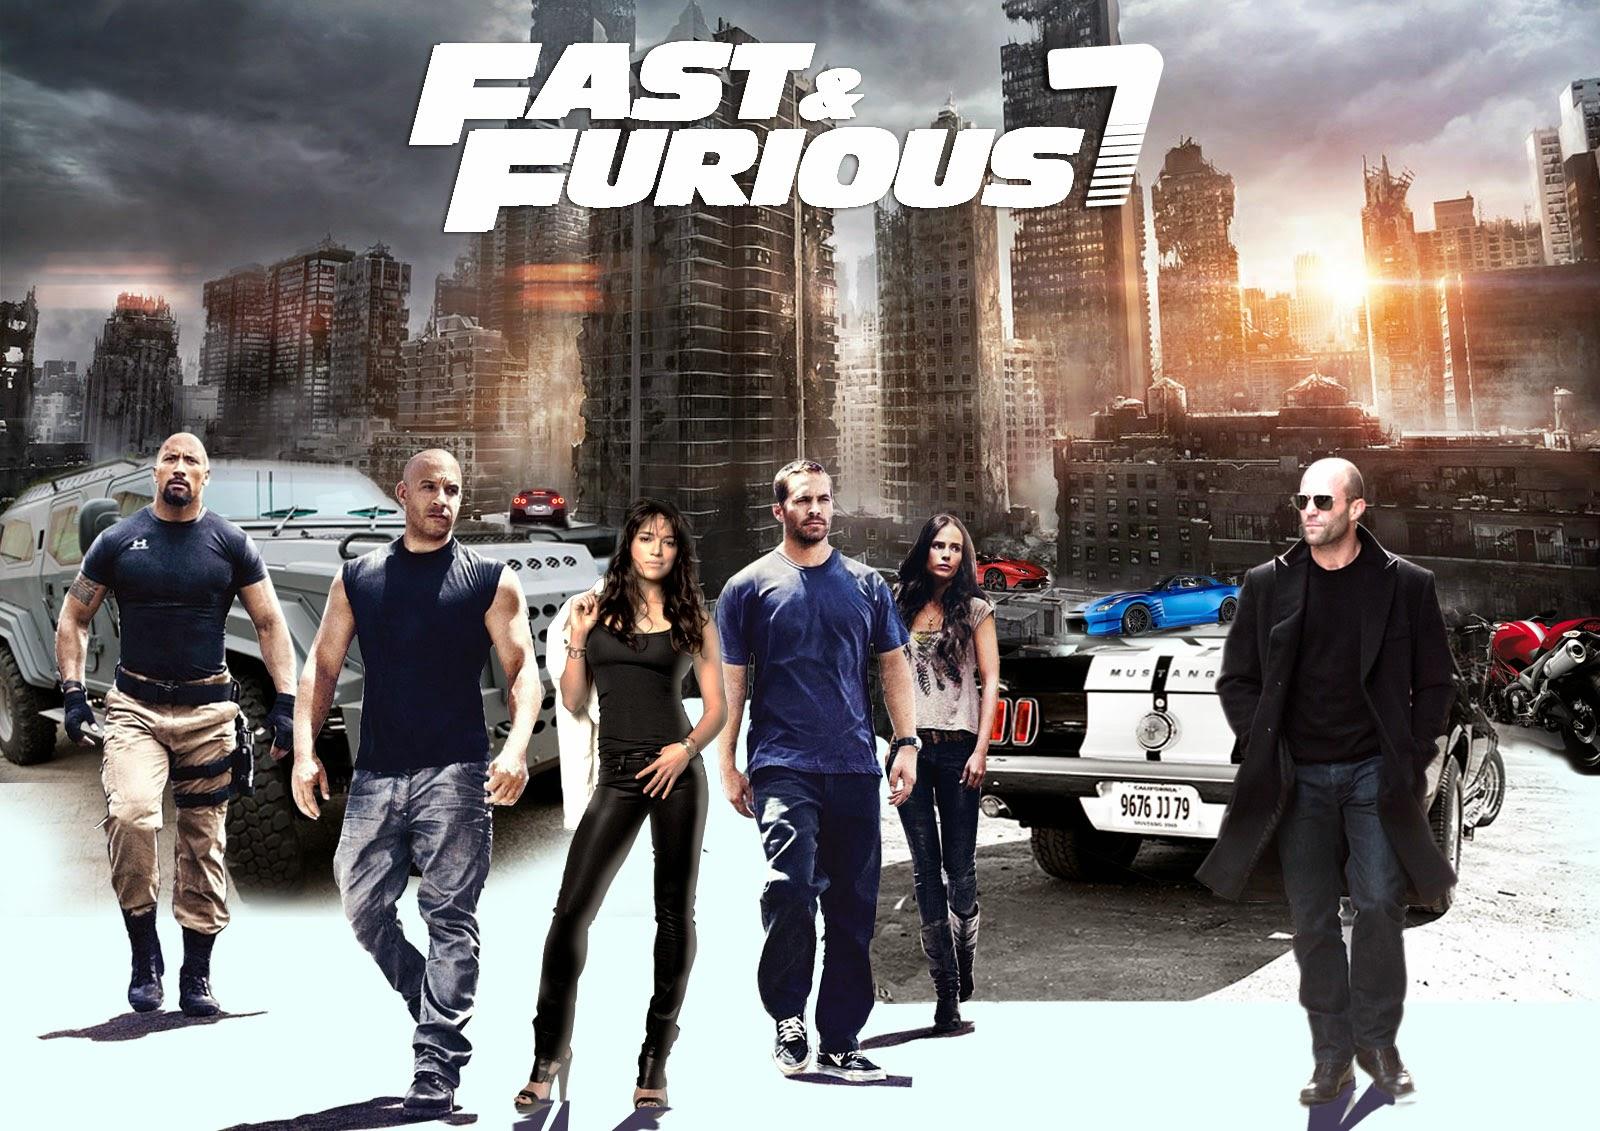 Fast & Furious e Wild al cinema dal 2 aprile 2015